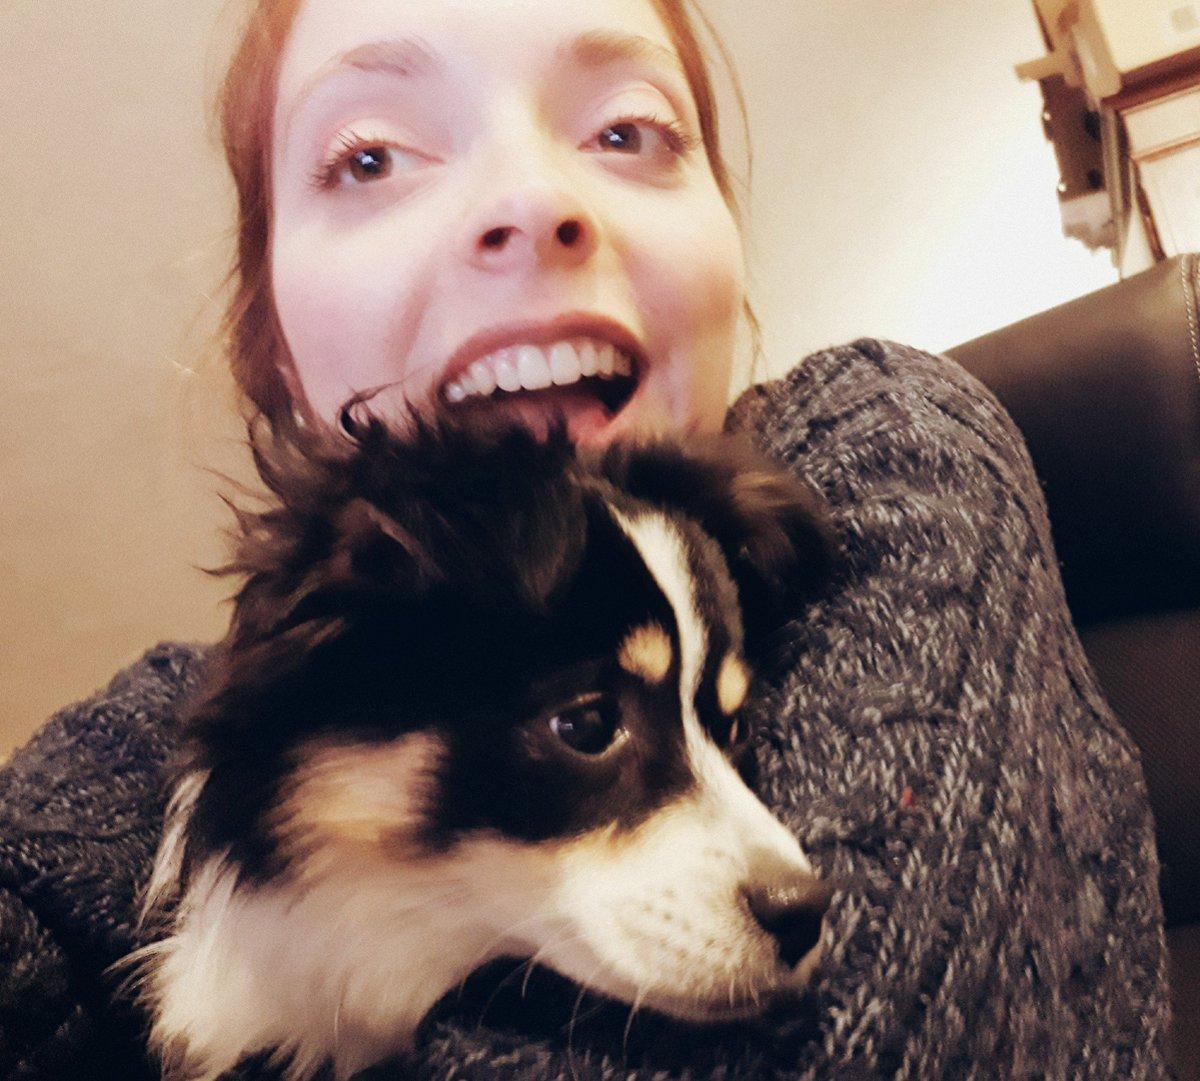 Kawaii desu neeeee 😍😍😍  #doggo #dog #doggie #pet #petsofinstagram #doglovers #cute #kawaii #love #gingergirl #happy